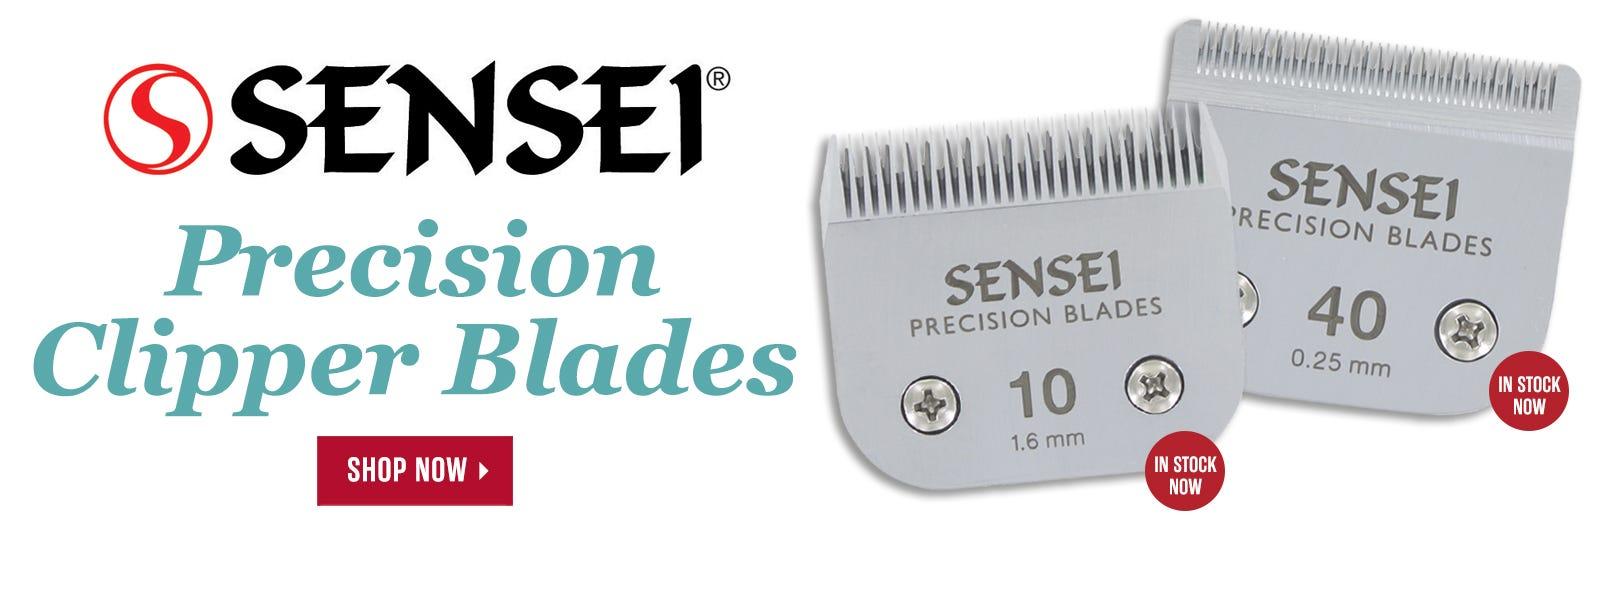 Sensei Blades